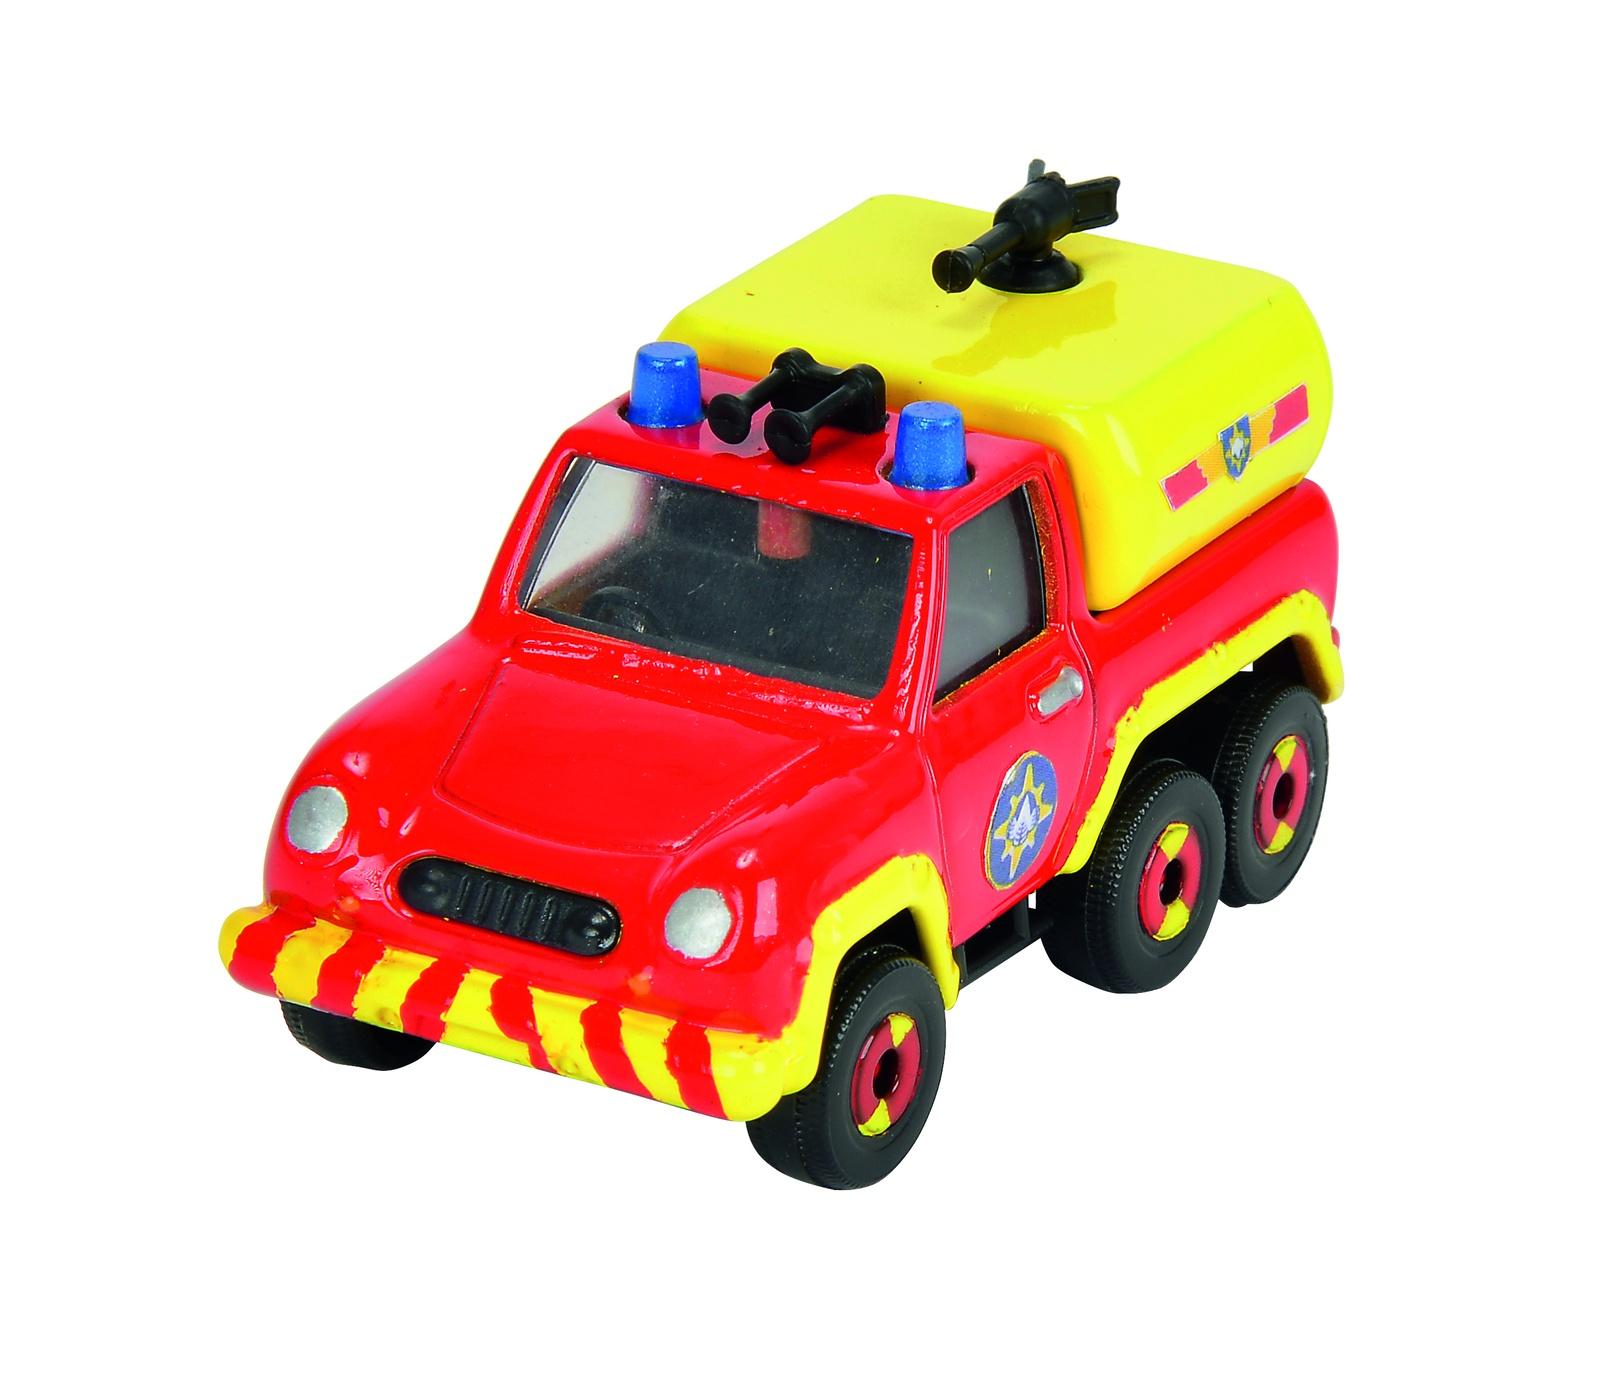 Пожарный Сэм, Игрушка транспортная на блистере Венера, 1:64, 24/96 машинка 3шт пожарный сэм dickie